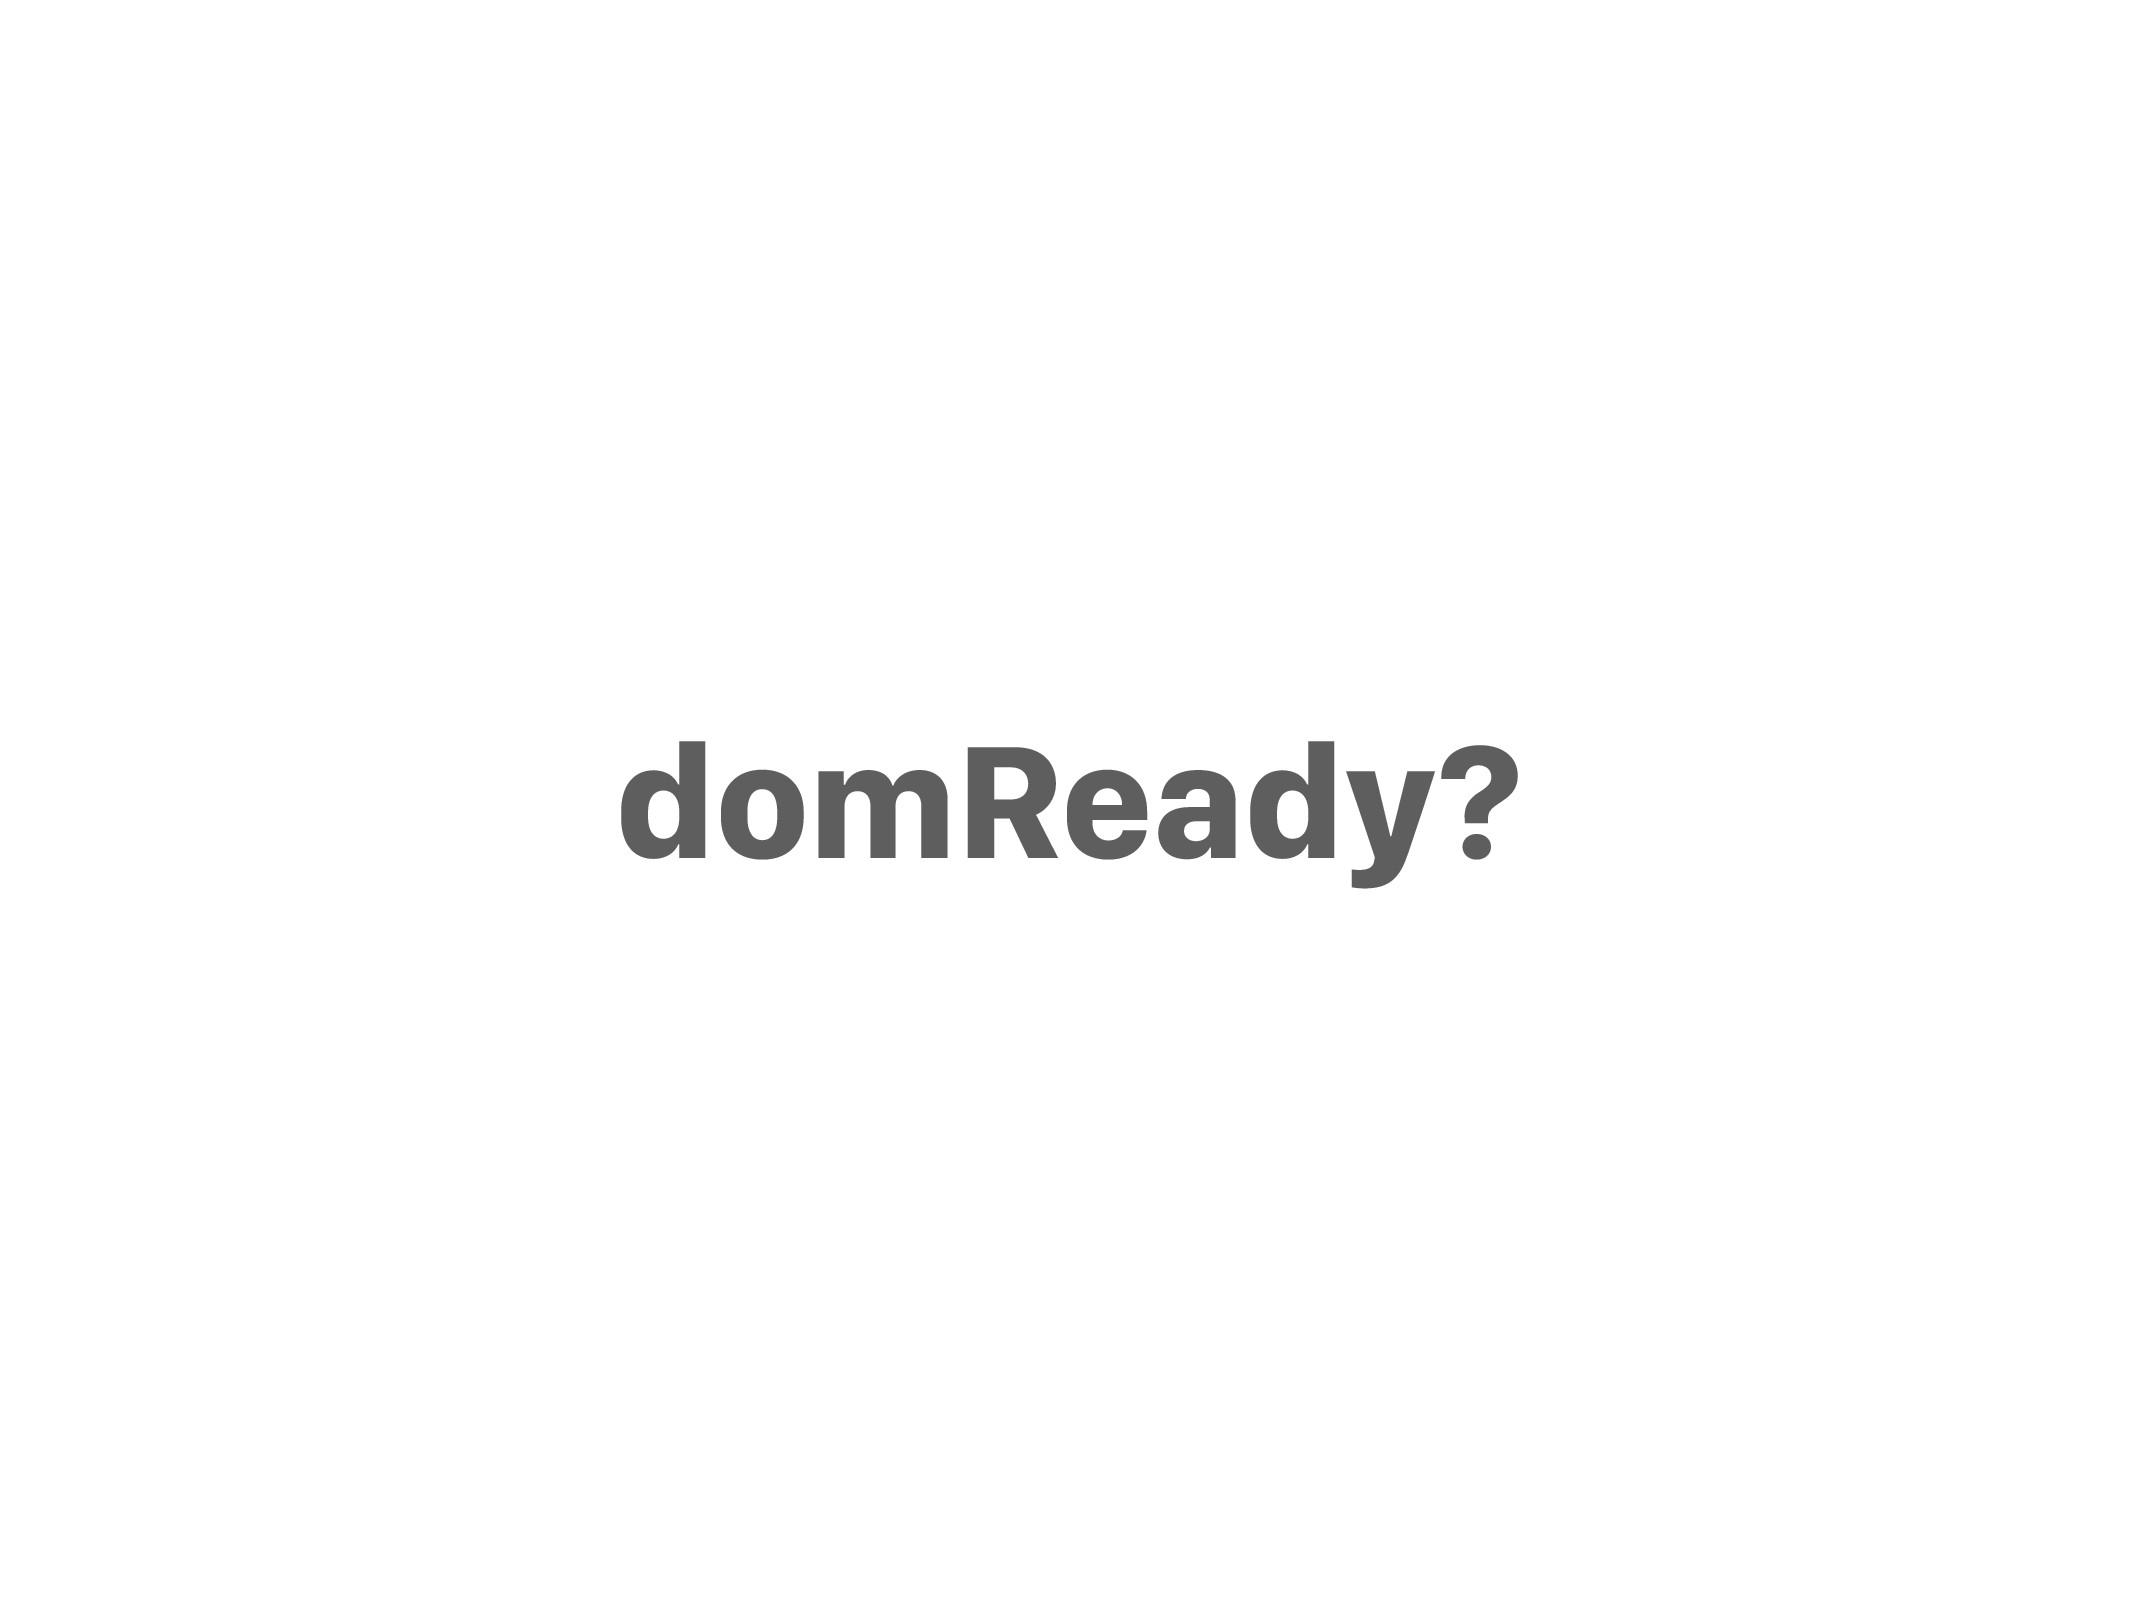 domReady?